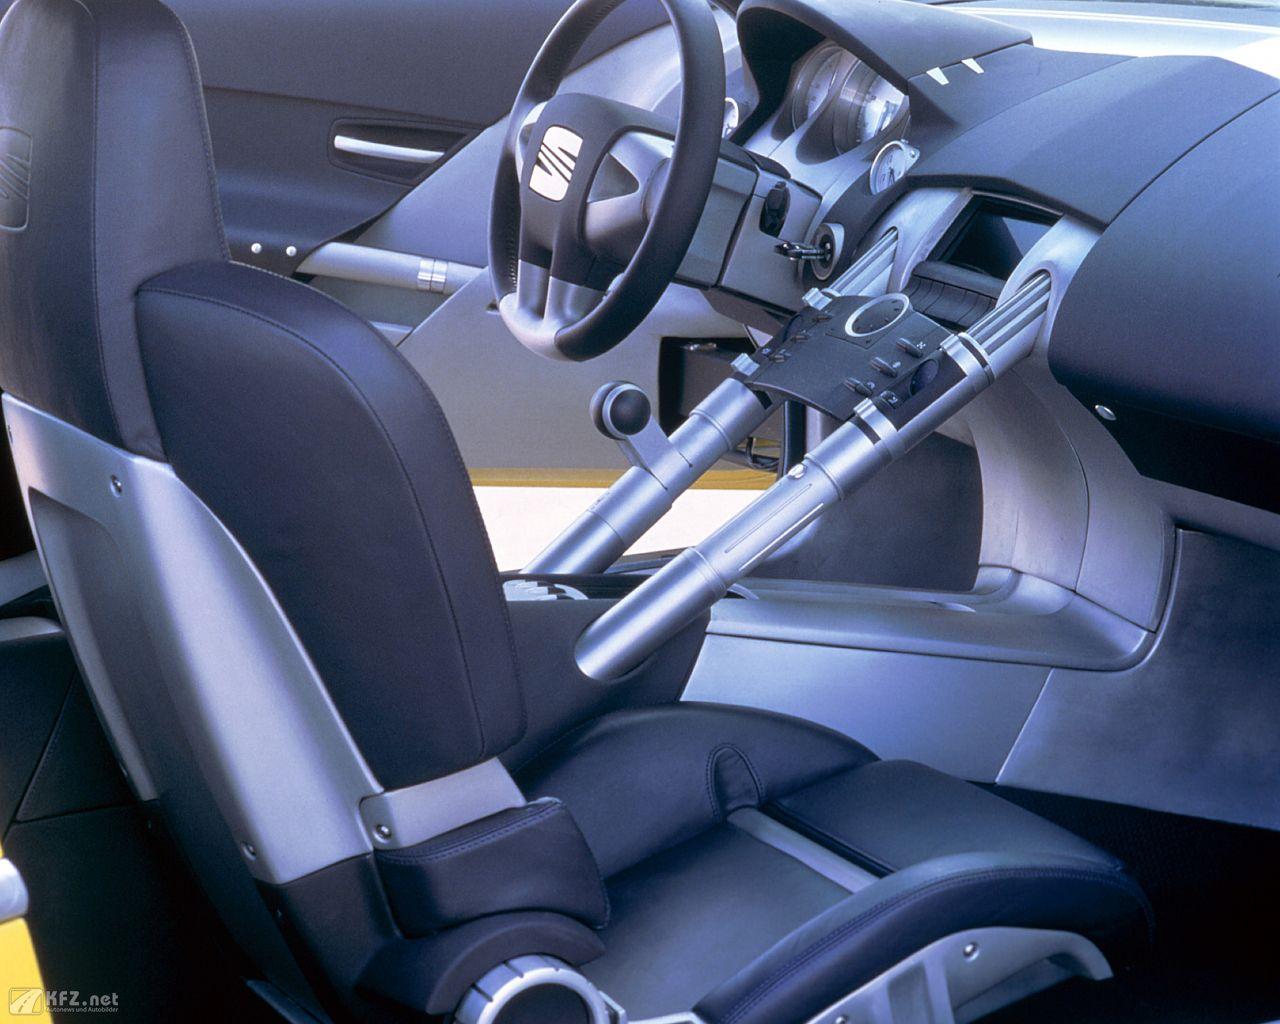 seat-bolero-1280x1024-7